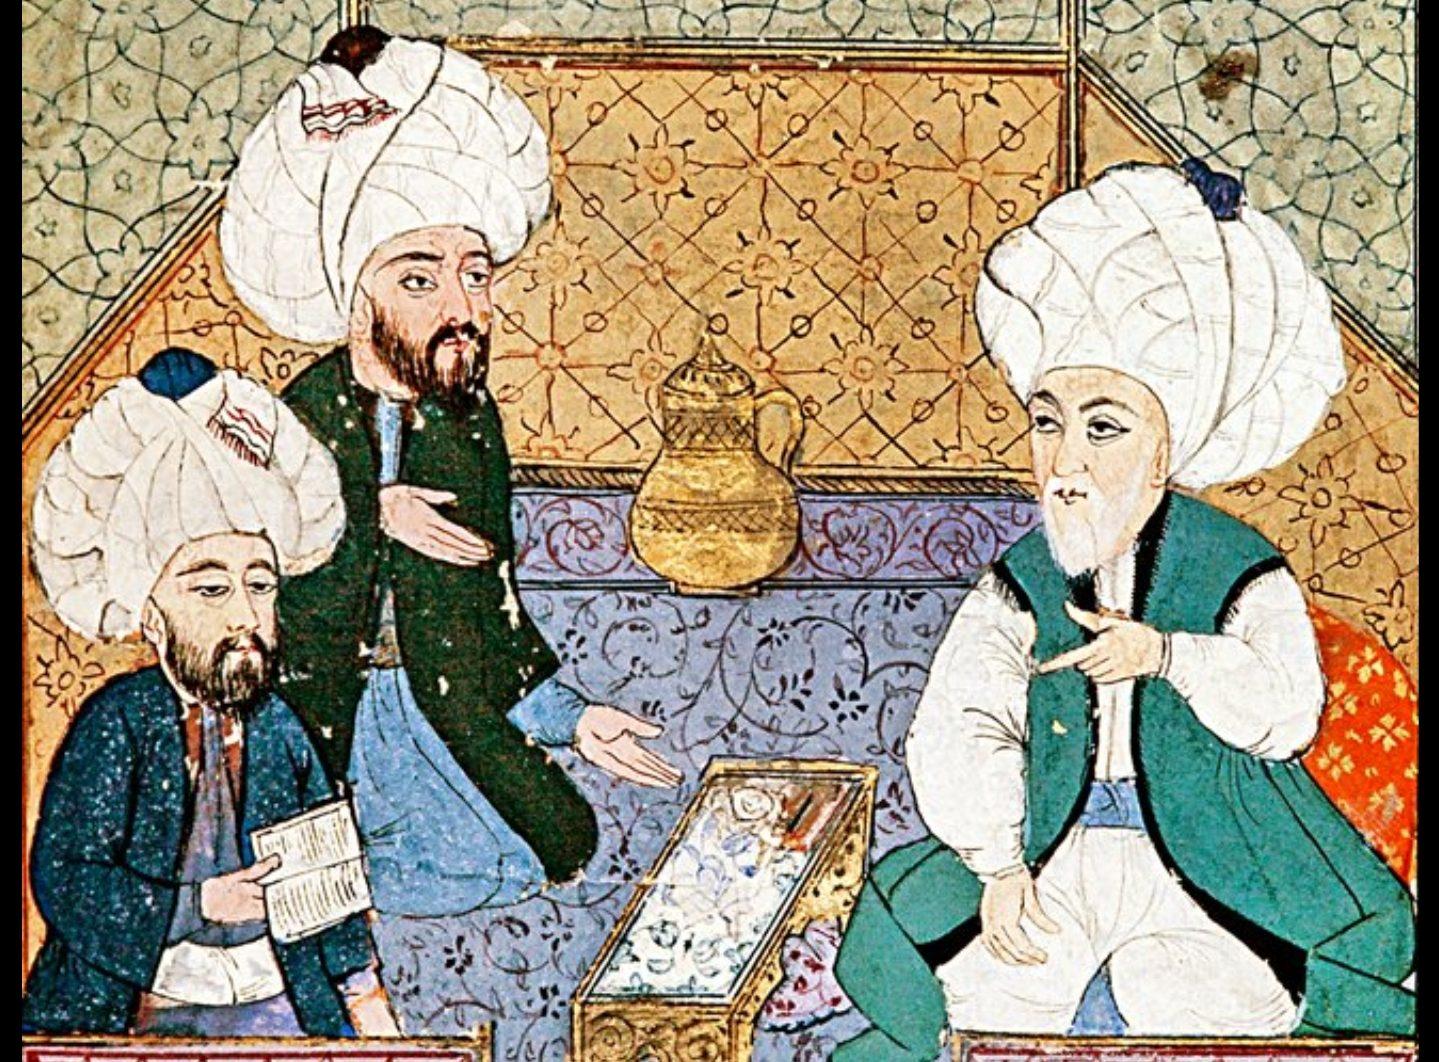 BÂKÎ: Şairlerin Sultanı - BİRİKTİRDİKLERİM Biyografi